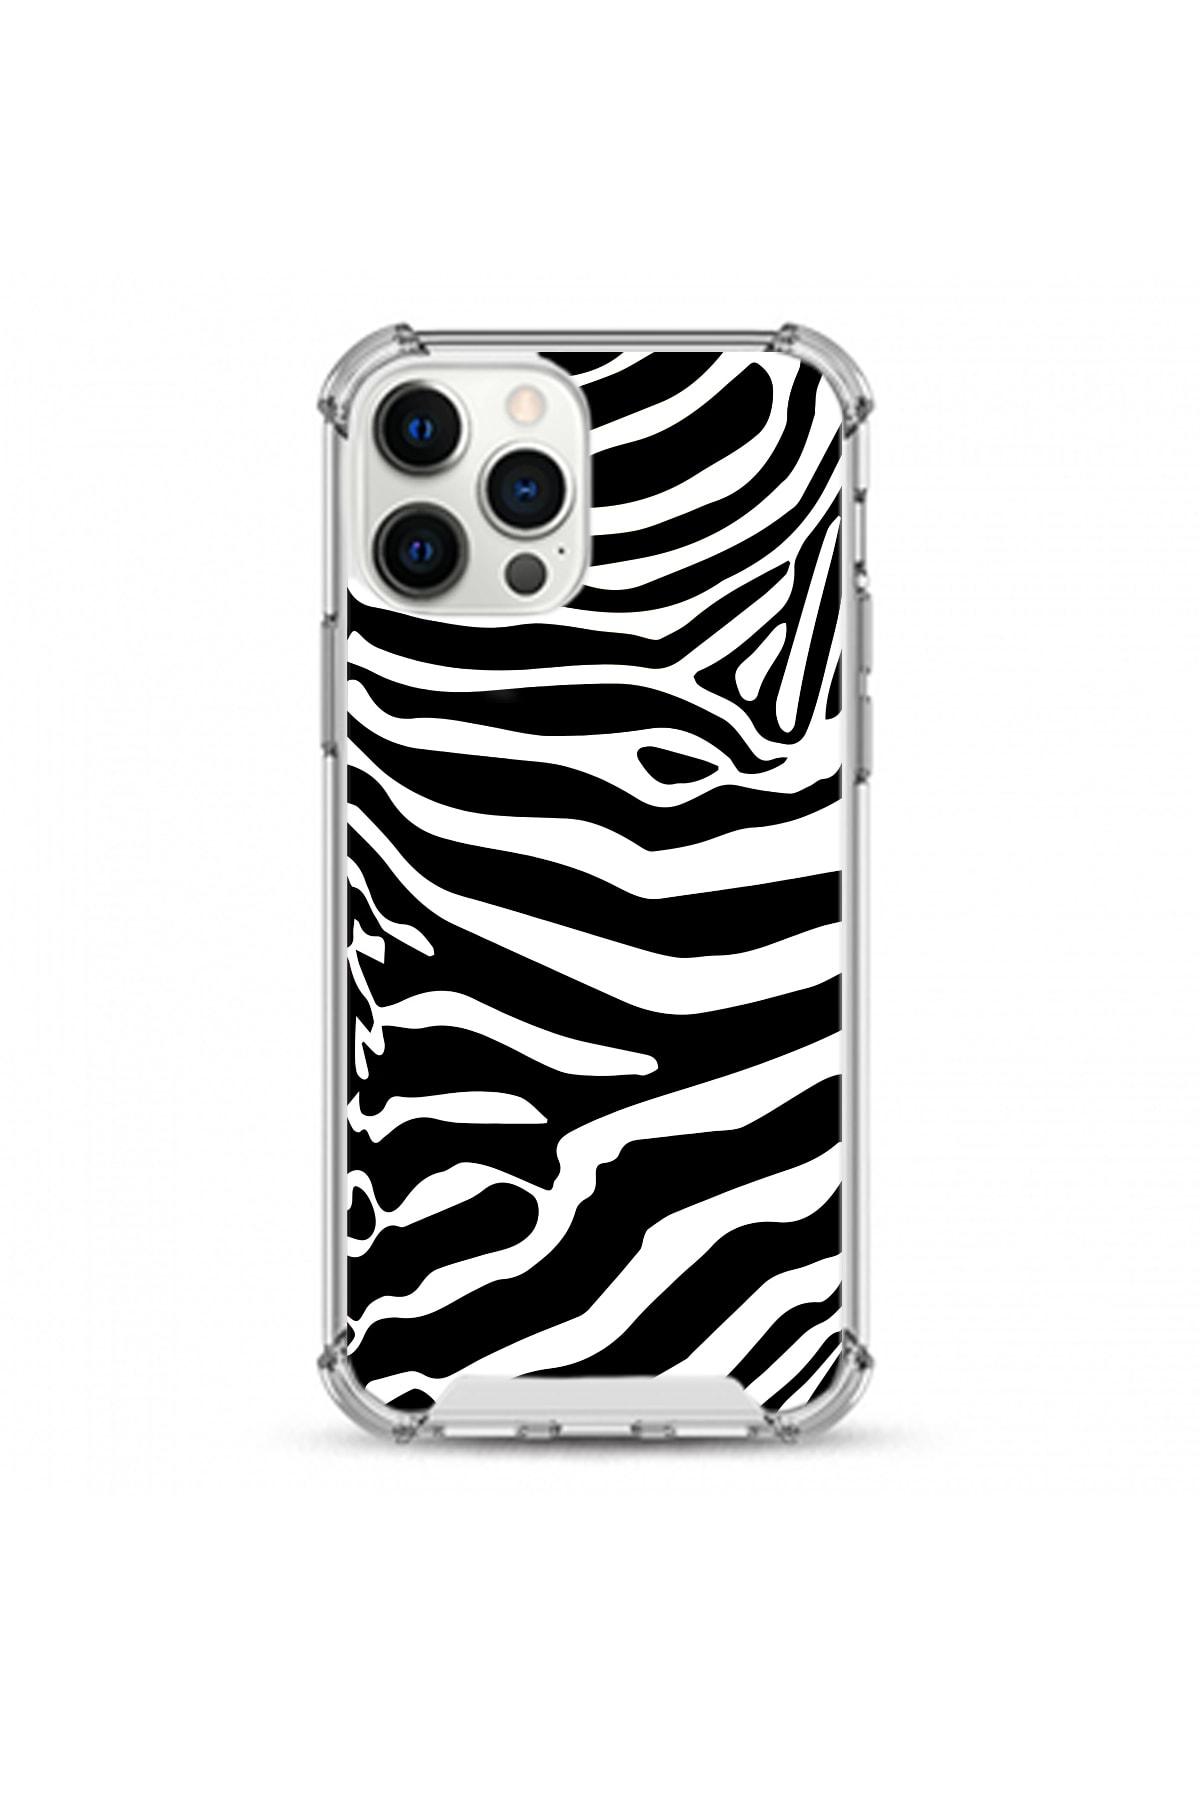 hey lori İphone 12 Pro Max Uyumlu Siyah Zebra Desen Darbe Koruyuculu Damla Baskı Silikon Kılıf 1